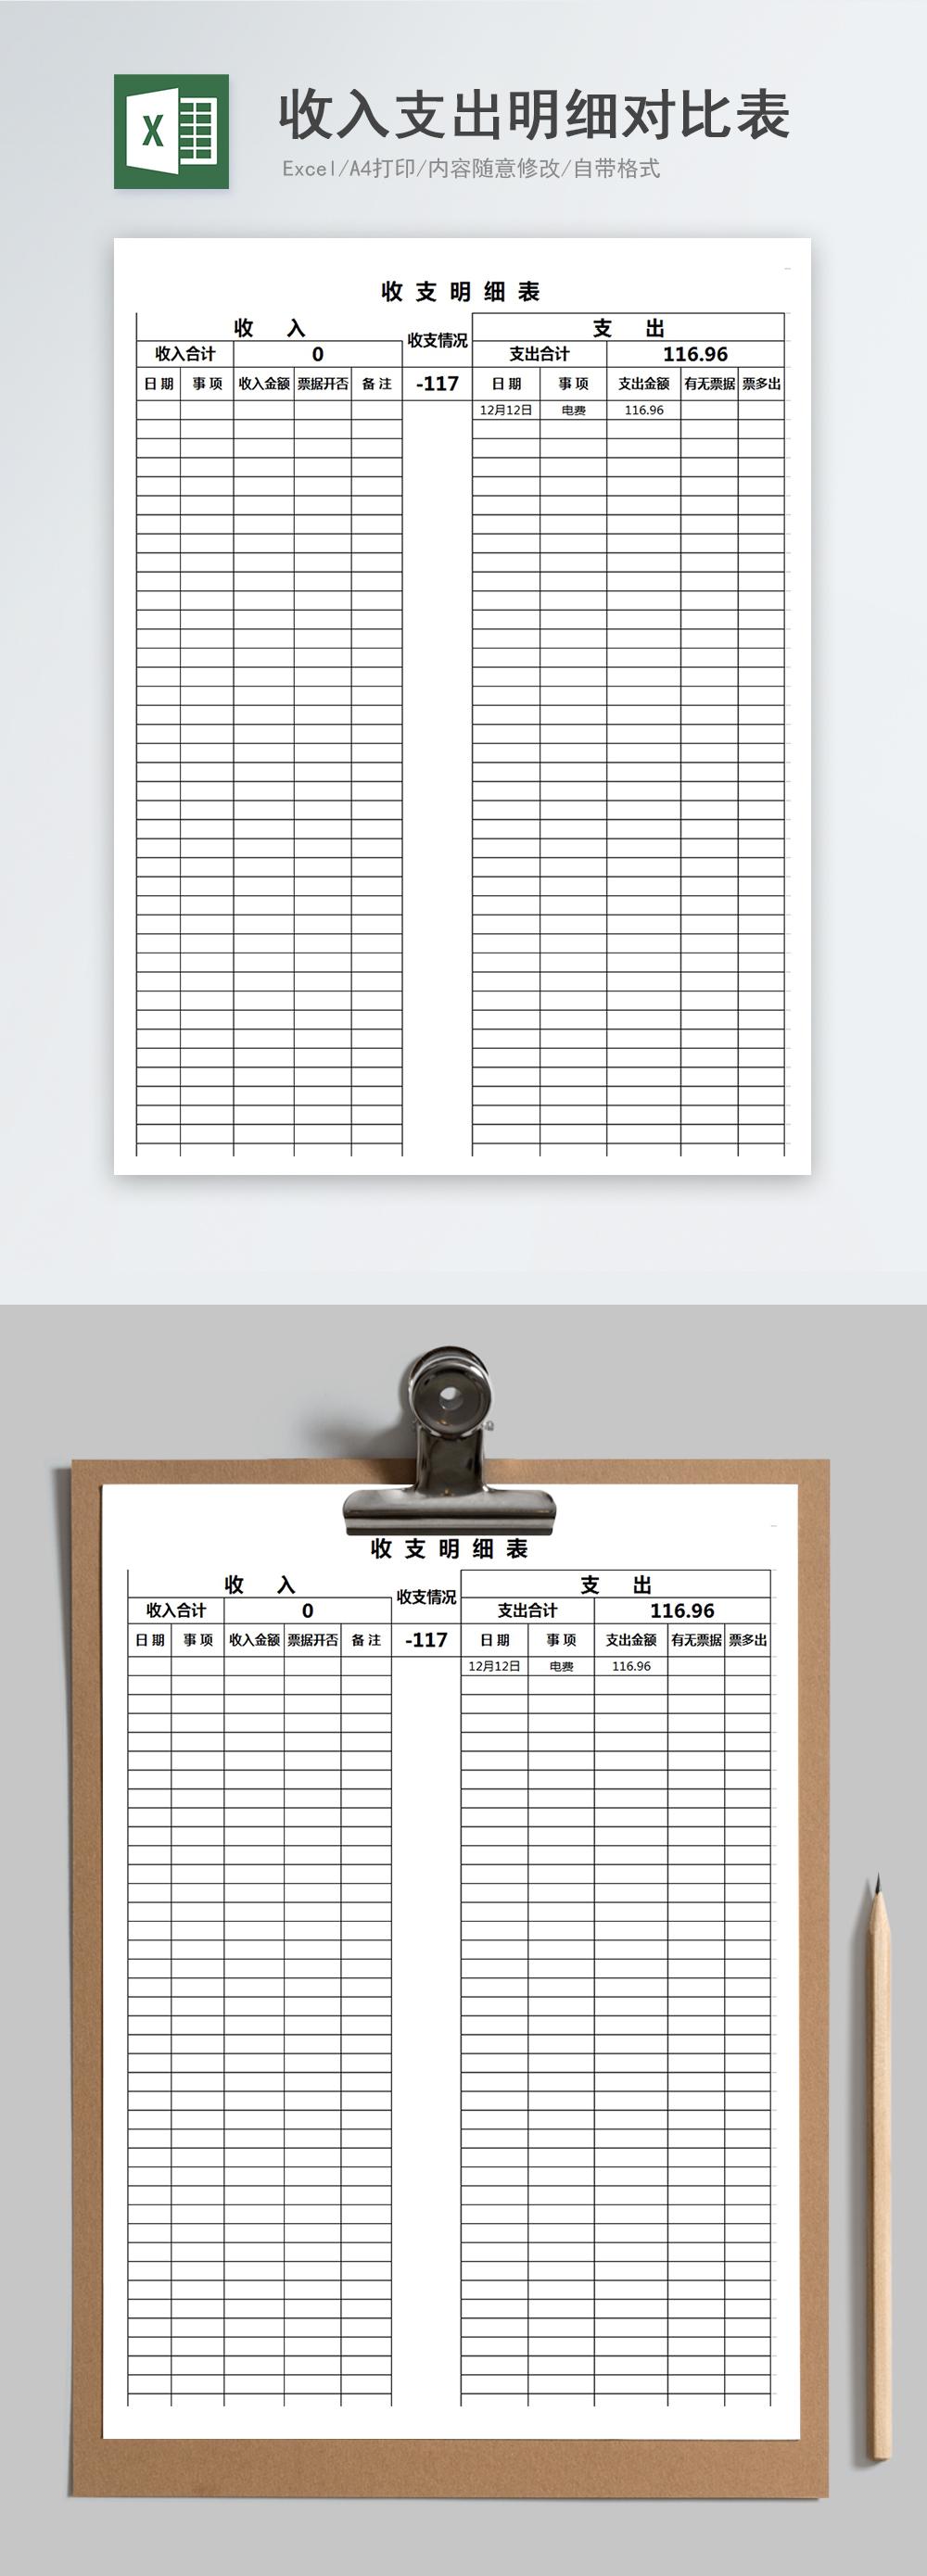 Lovepik صورة Xls 400150471 Id عرض تقديمي بحث صور جداول الدخل والمصروفات جدول المقارنة قالب Excel